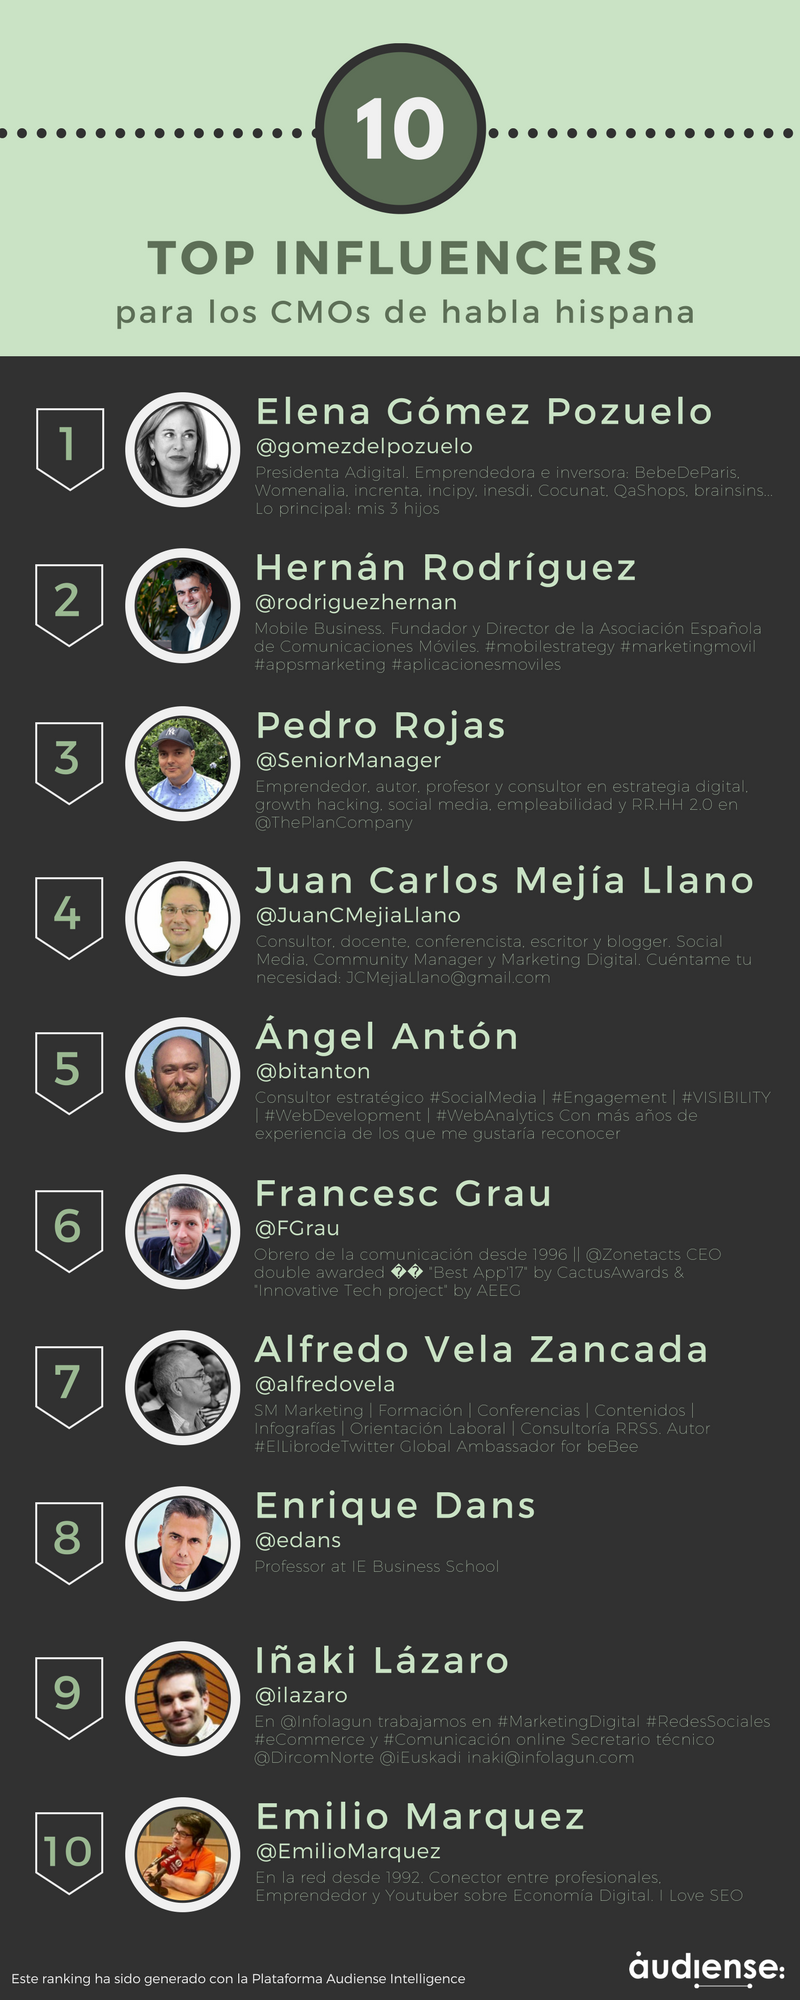 Top 10 influencers para los CMOs de habla hispana (según @AudienseCo)